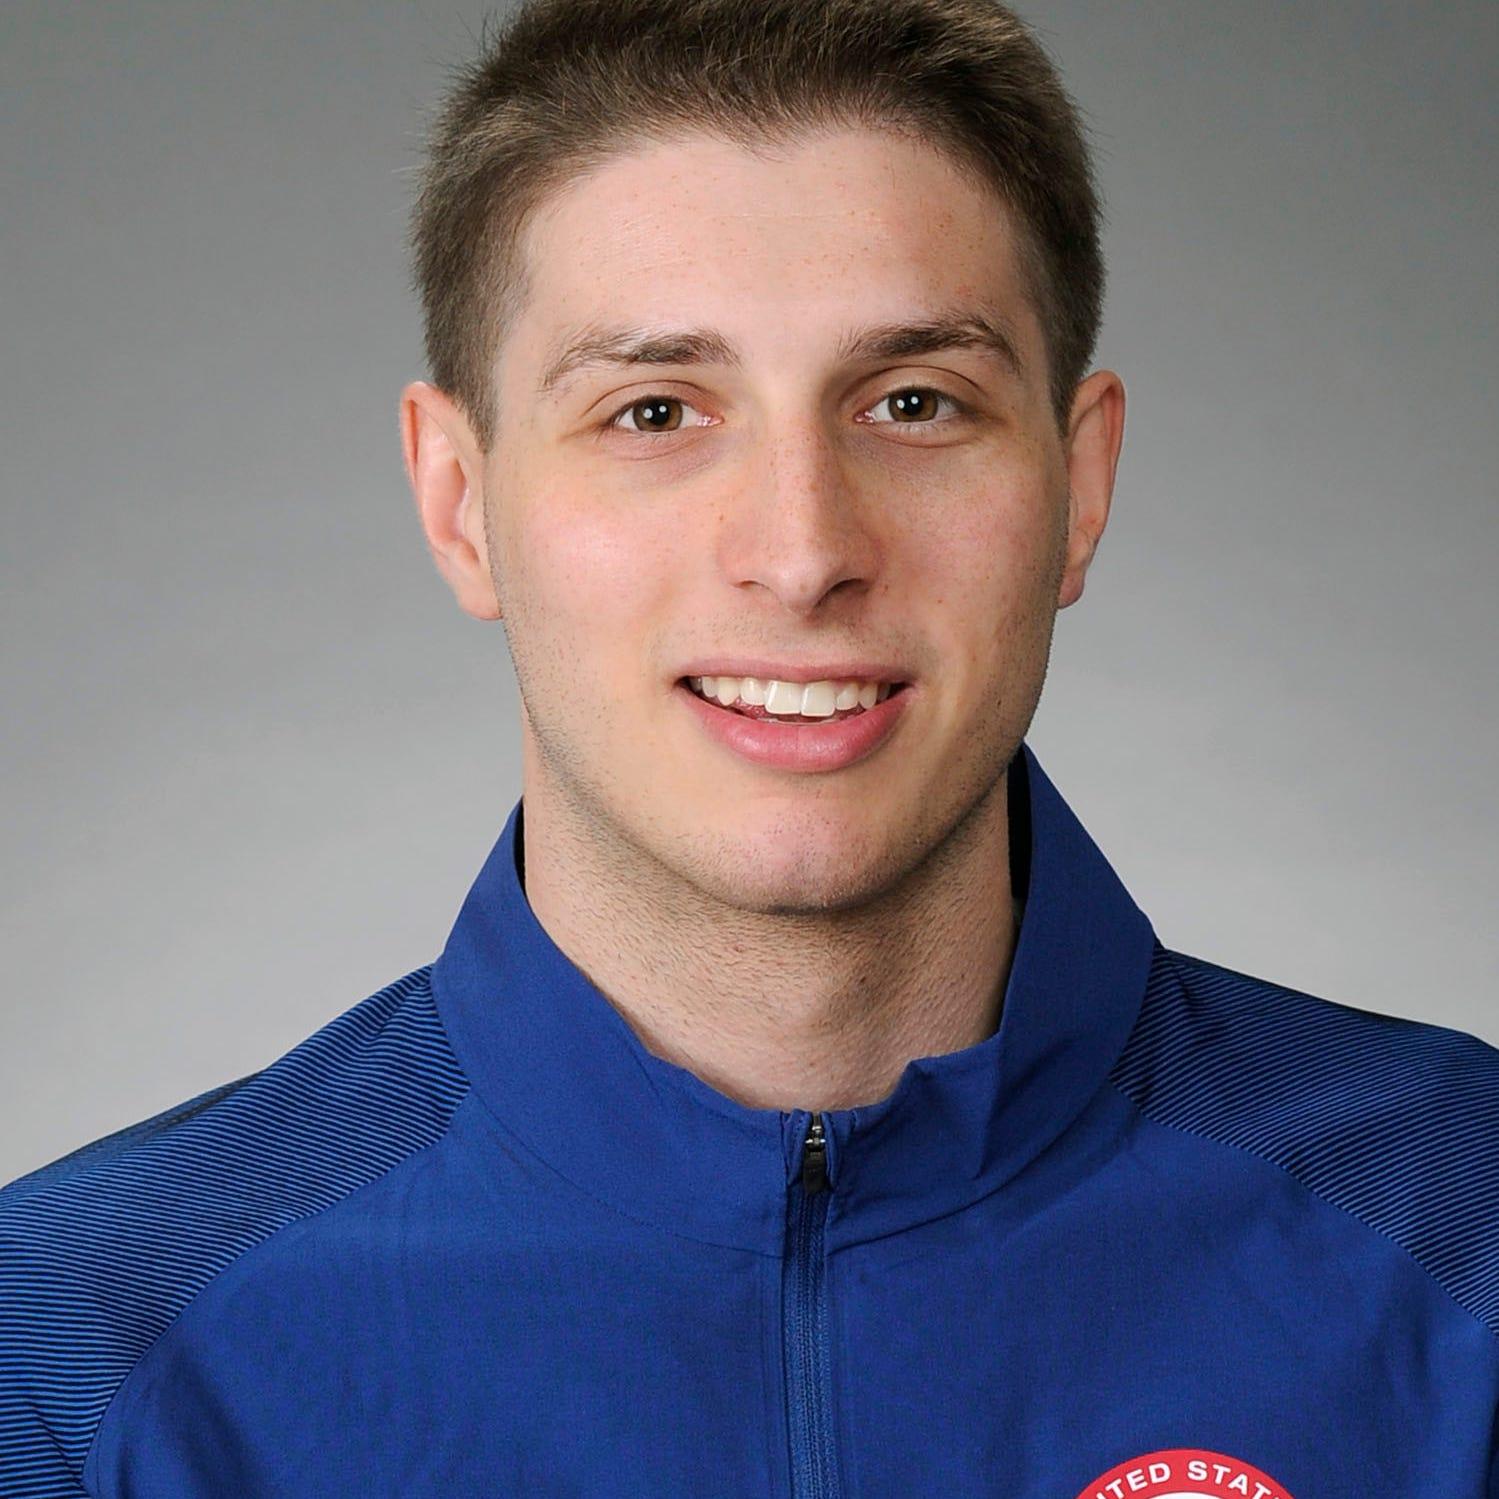 Eli Dershwitz